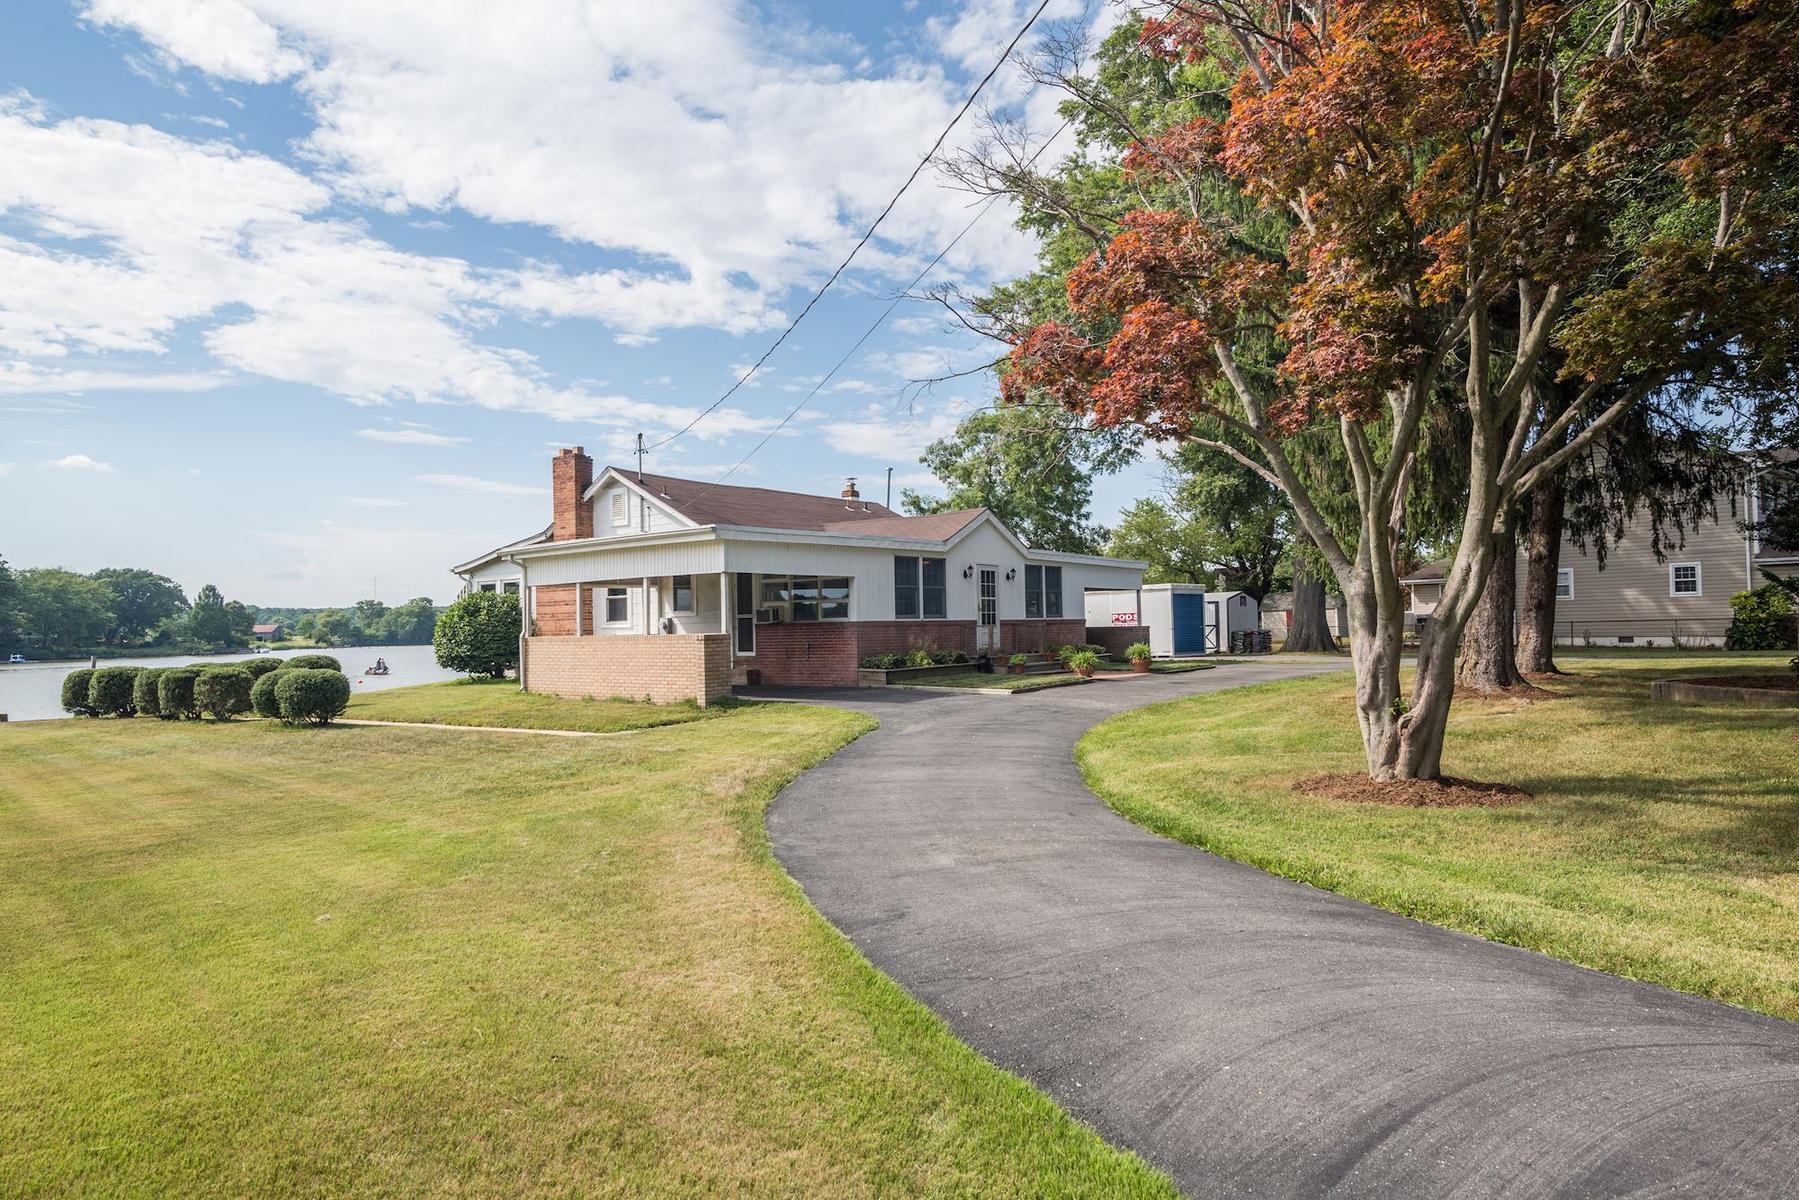 Maison unifamiliale pour l Vente à Deale 5926 Rockhold Dr Deale, Maryland 20751 États-Unis